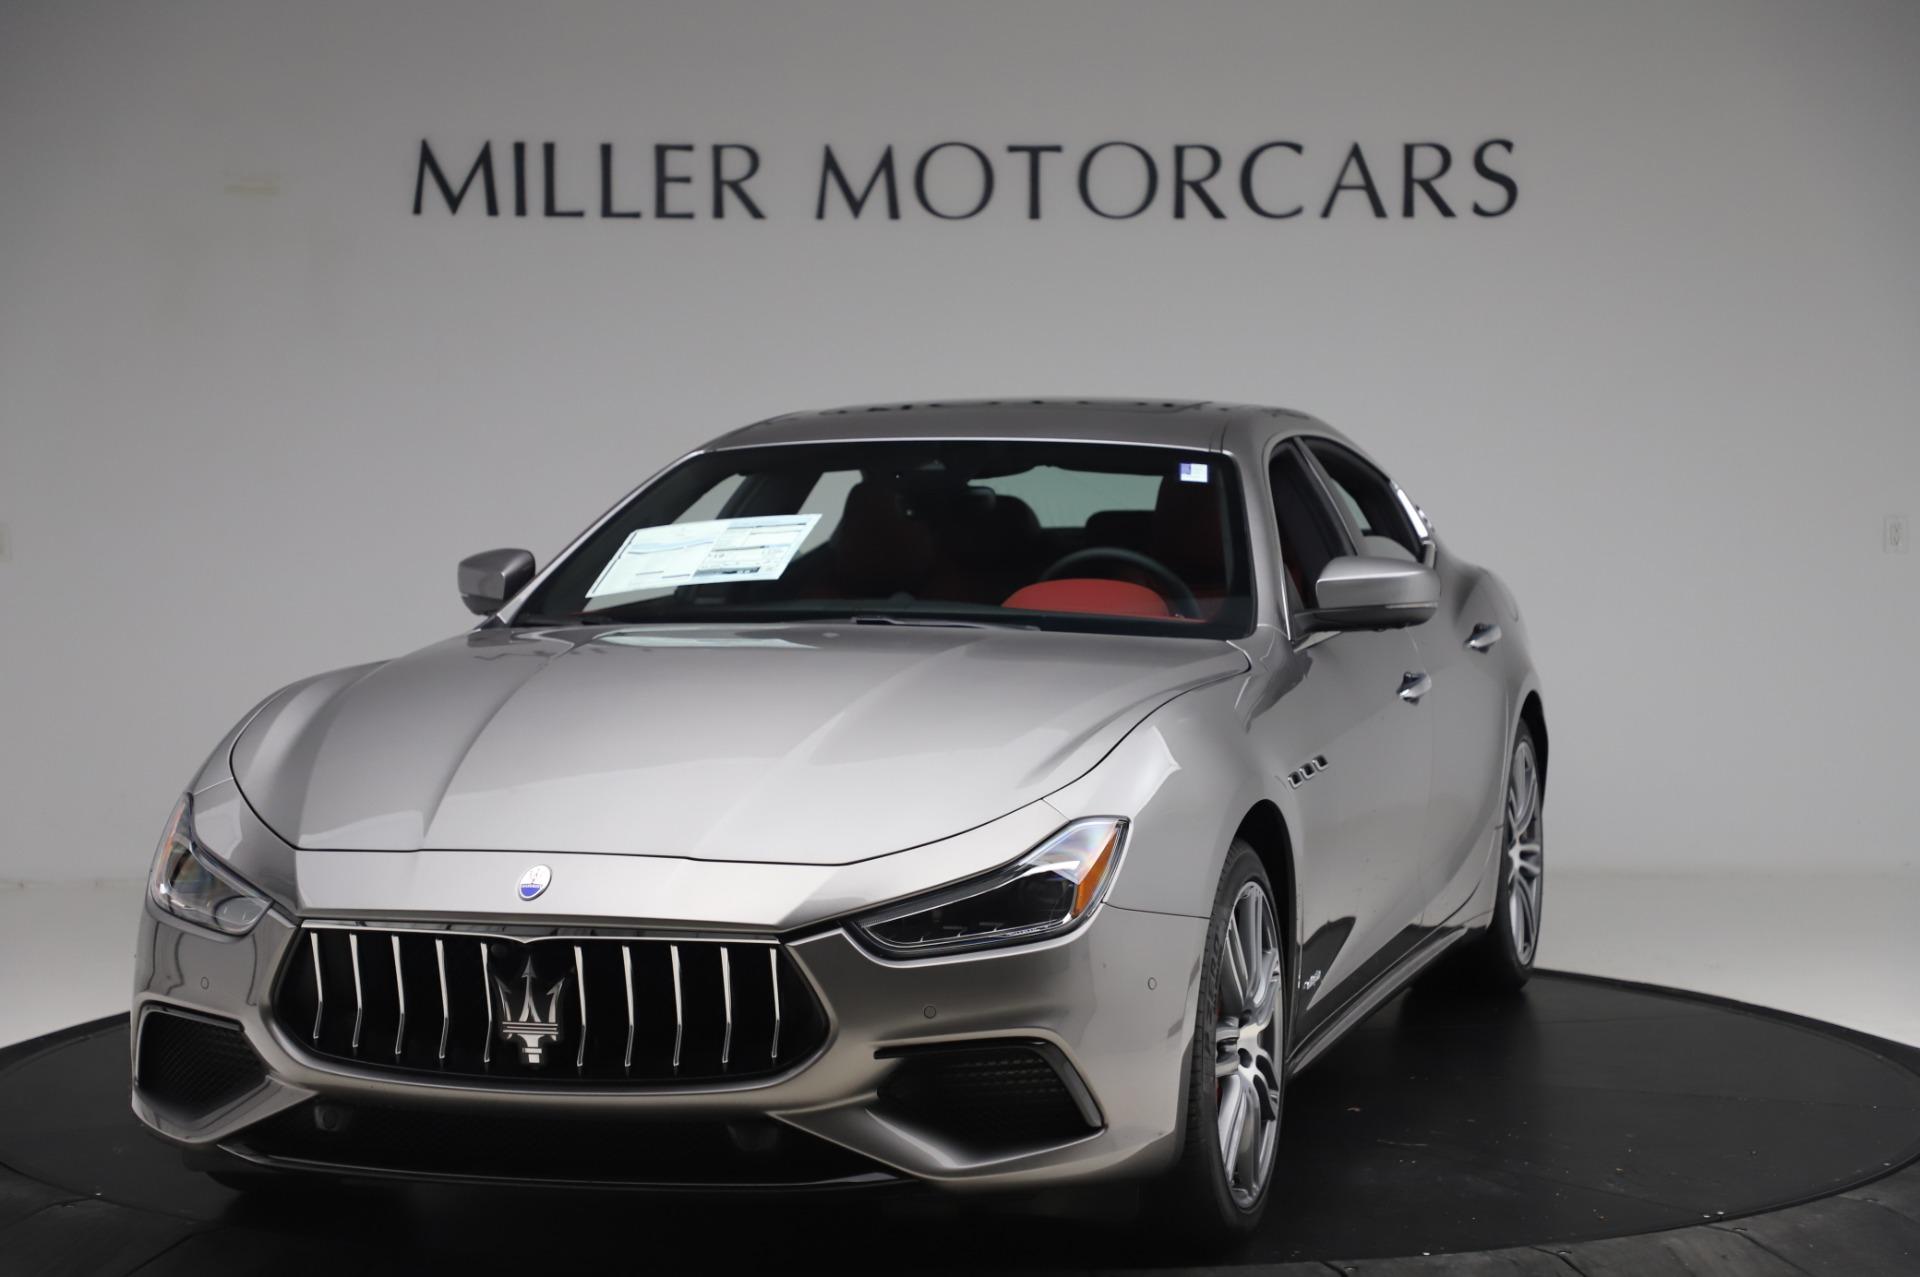 New 2020 Maserati Ghibli S Q4 GranSport for sale $93,285 at Maserati of Westport in Westport CT 06880 1